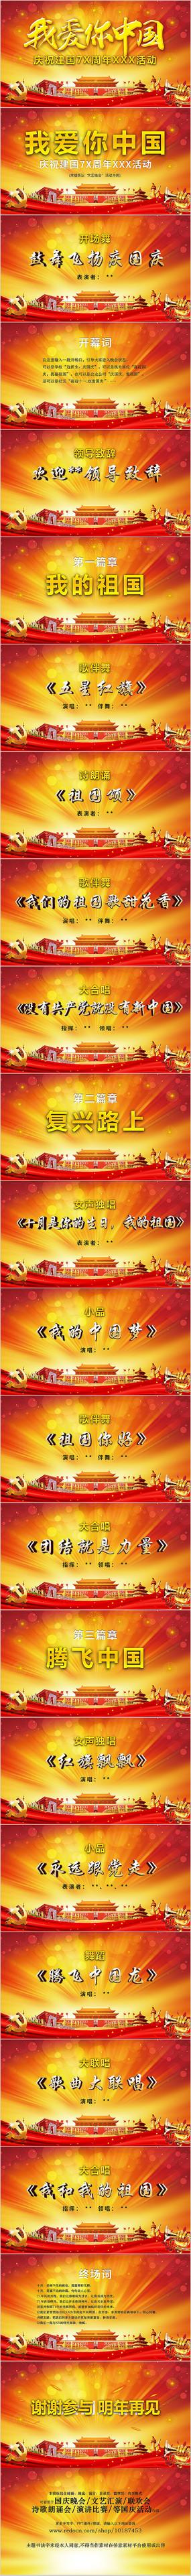 我爱你中国国庆节活动PPT模板